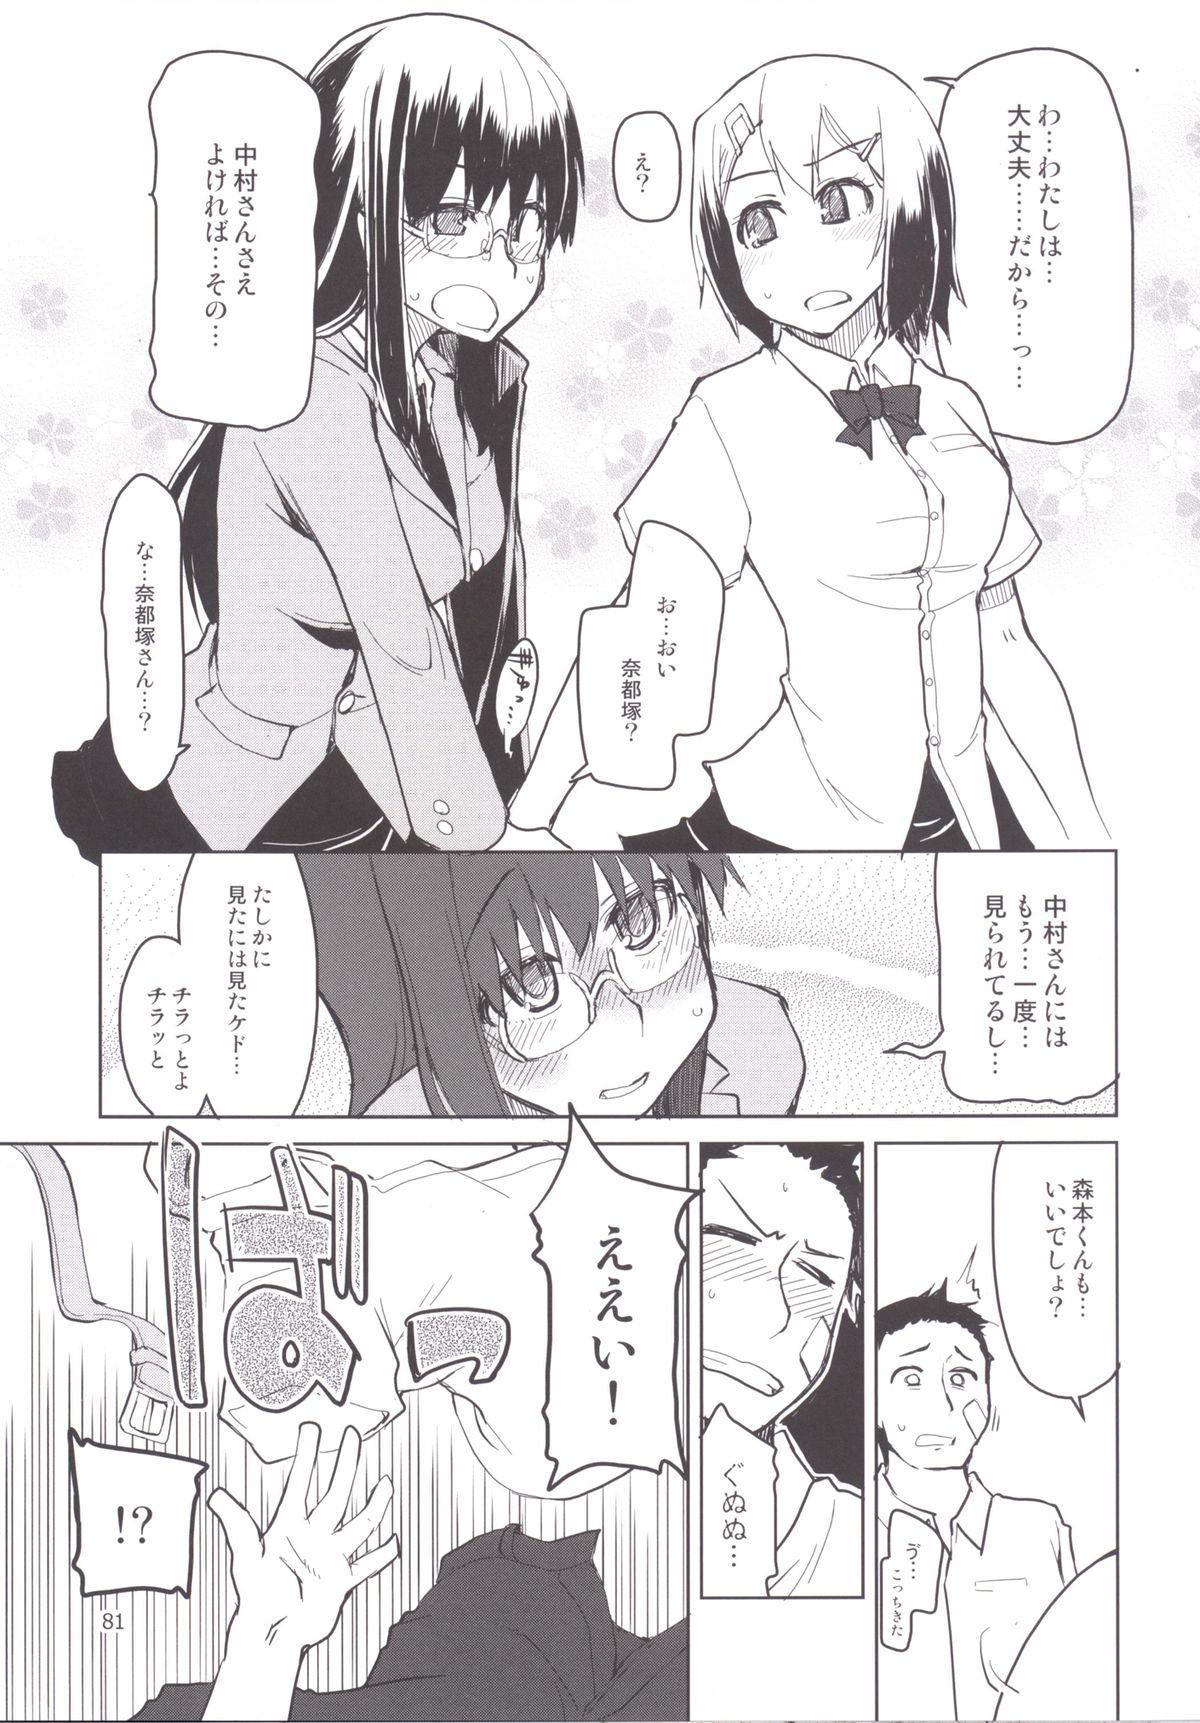 Natsuzuka-san no Himitsu. Soushuuhen Kouhen 98